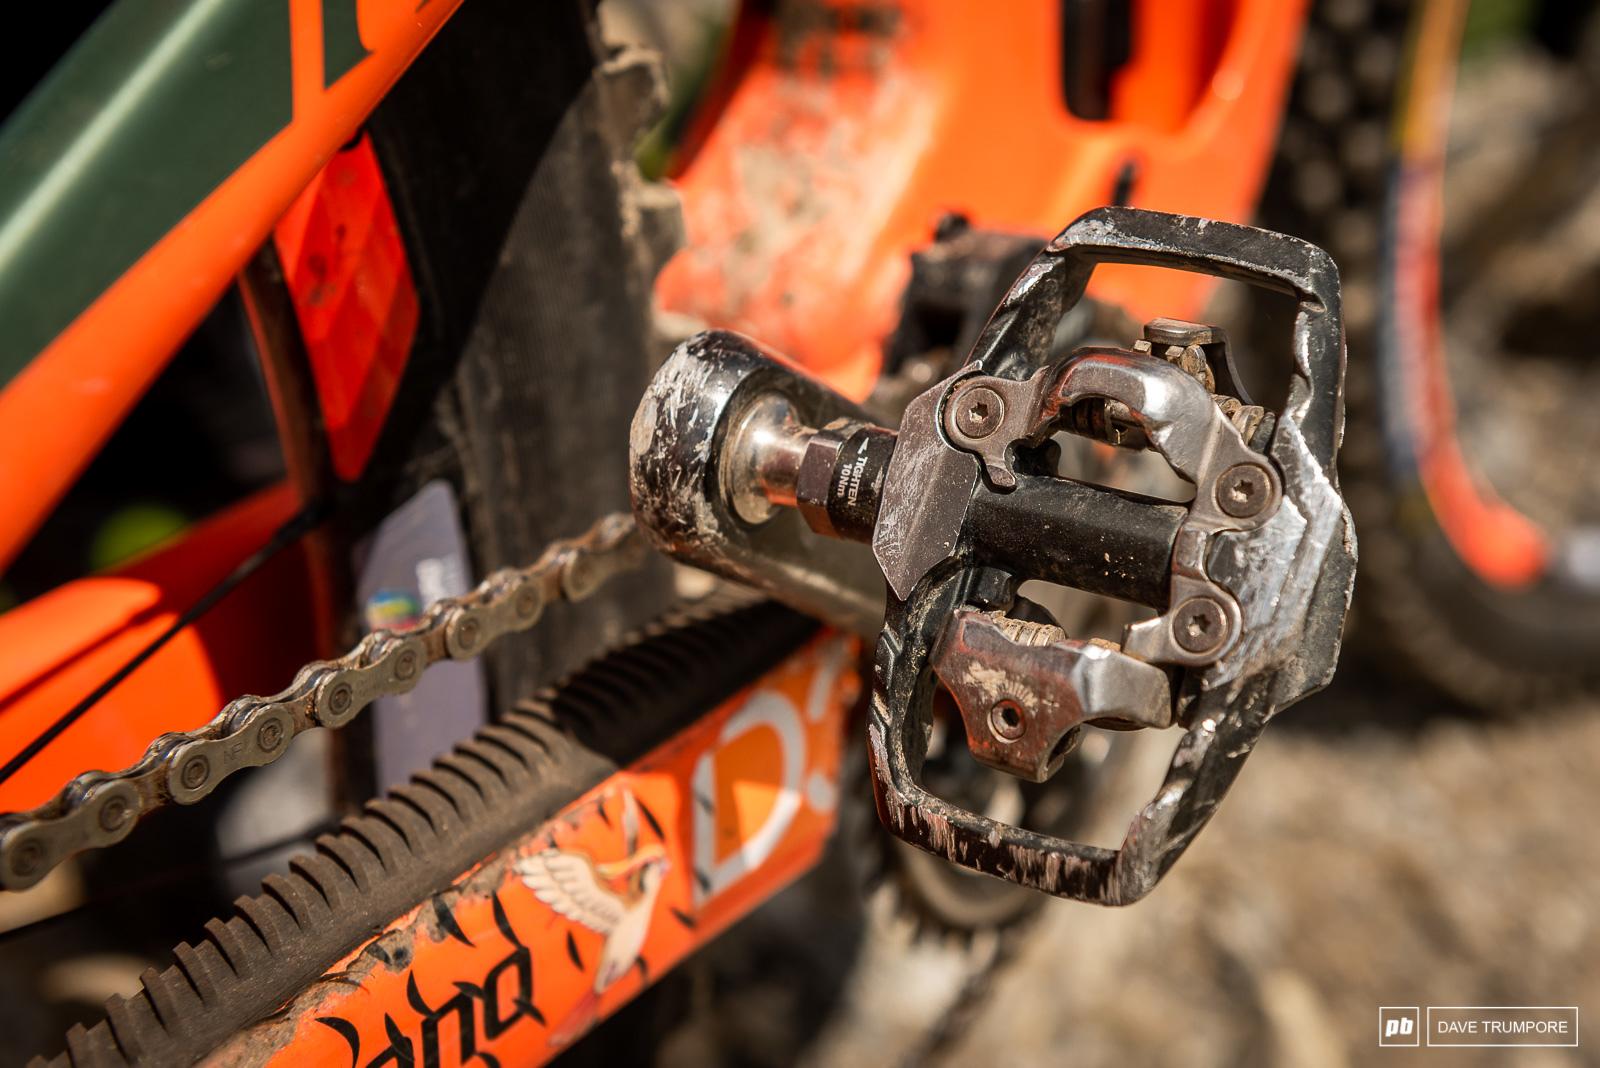 Elliot Trabac's Scott Ransom - XTR pedals